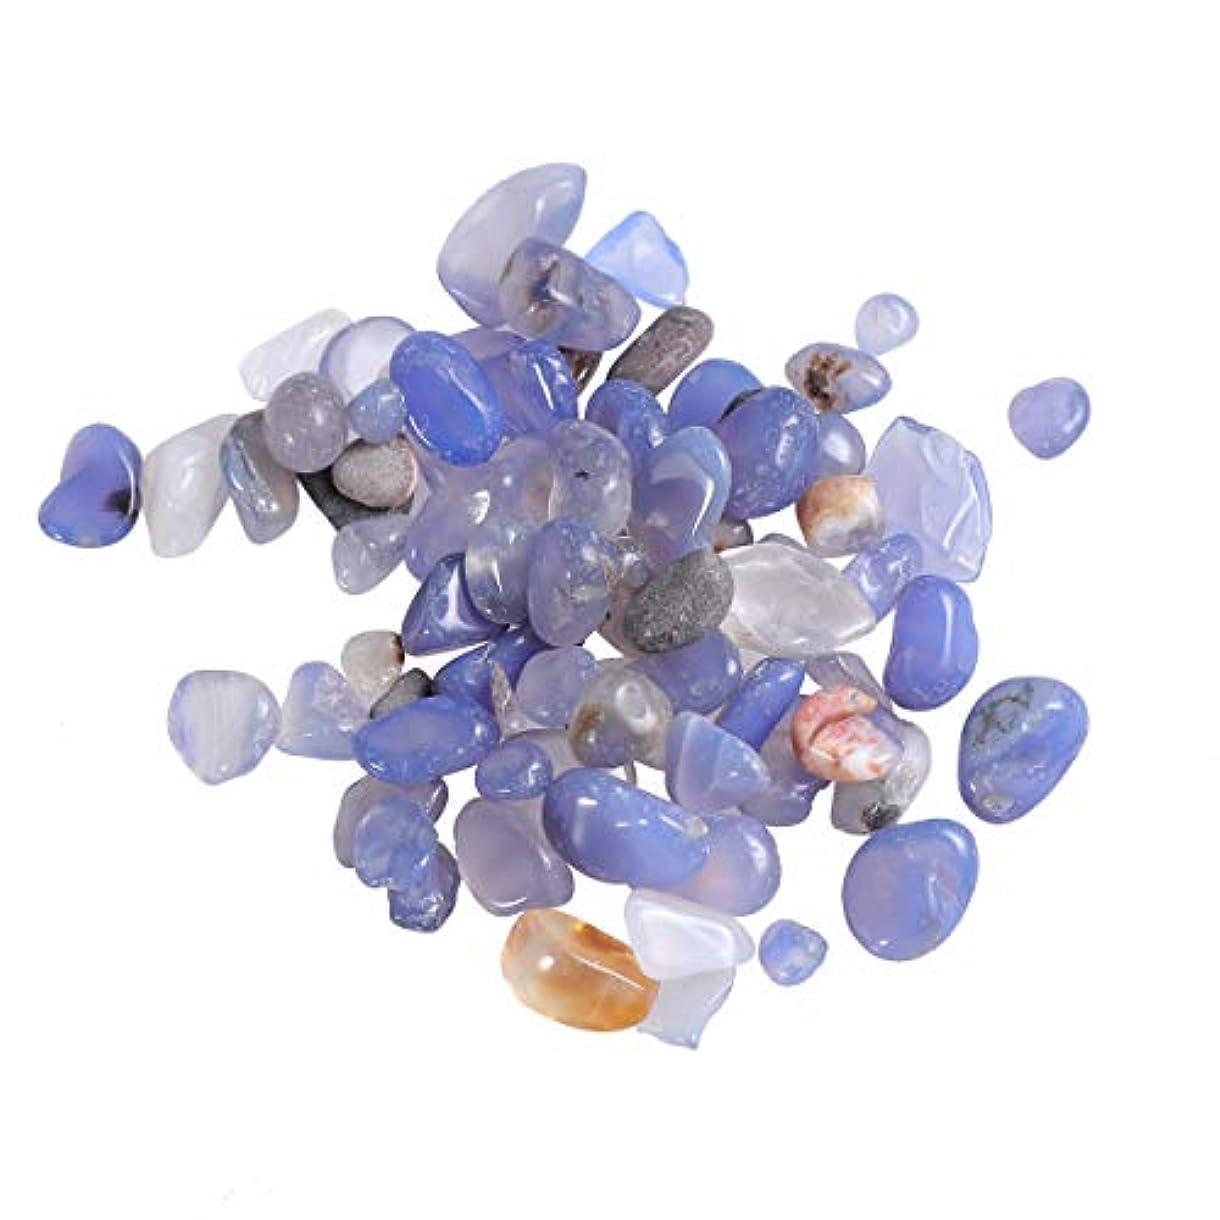 つなぐ男取り扱いVosarea 2パック自然砕いたクリスタルロック不規則な形状のヒーリングストーンズや花瓶植物サワークリームガーデン(青い瑪瑙)